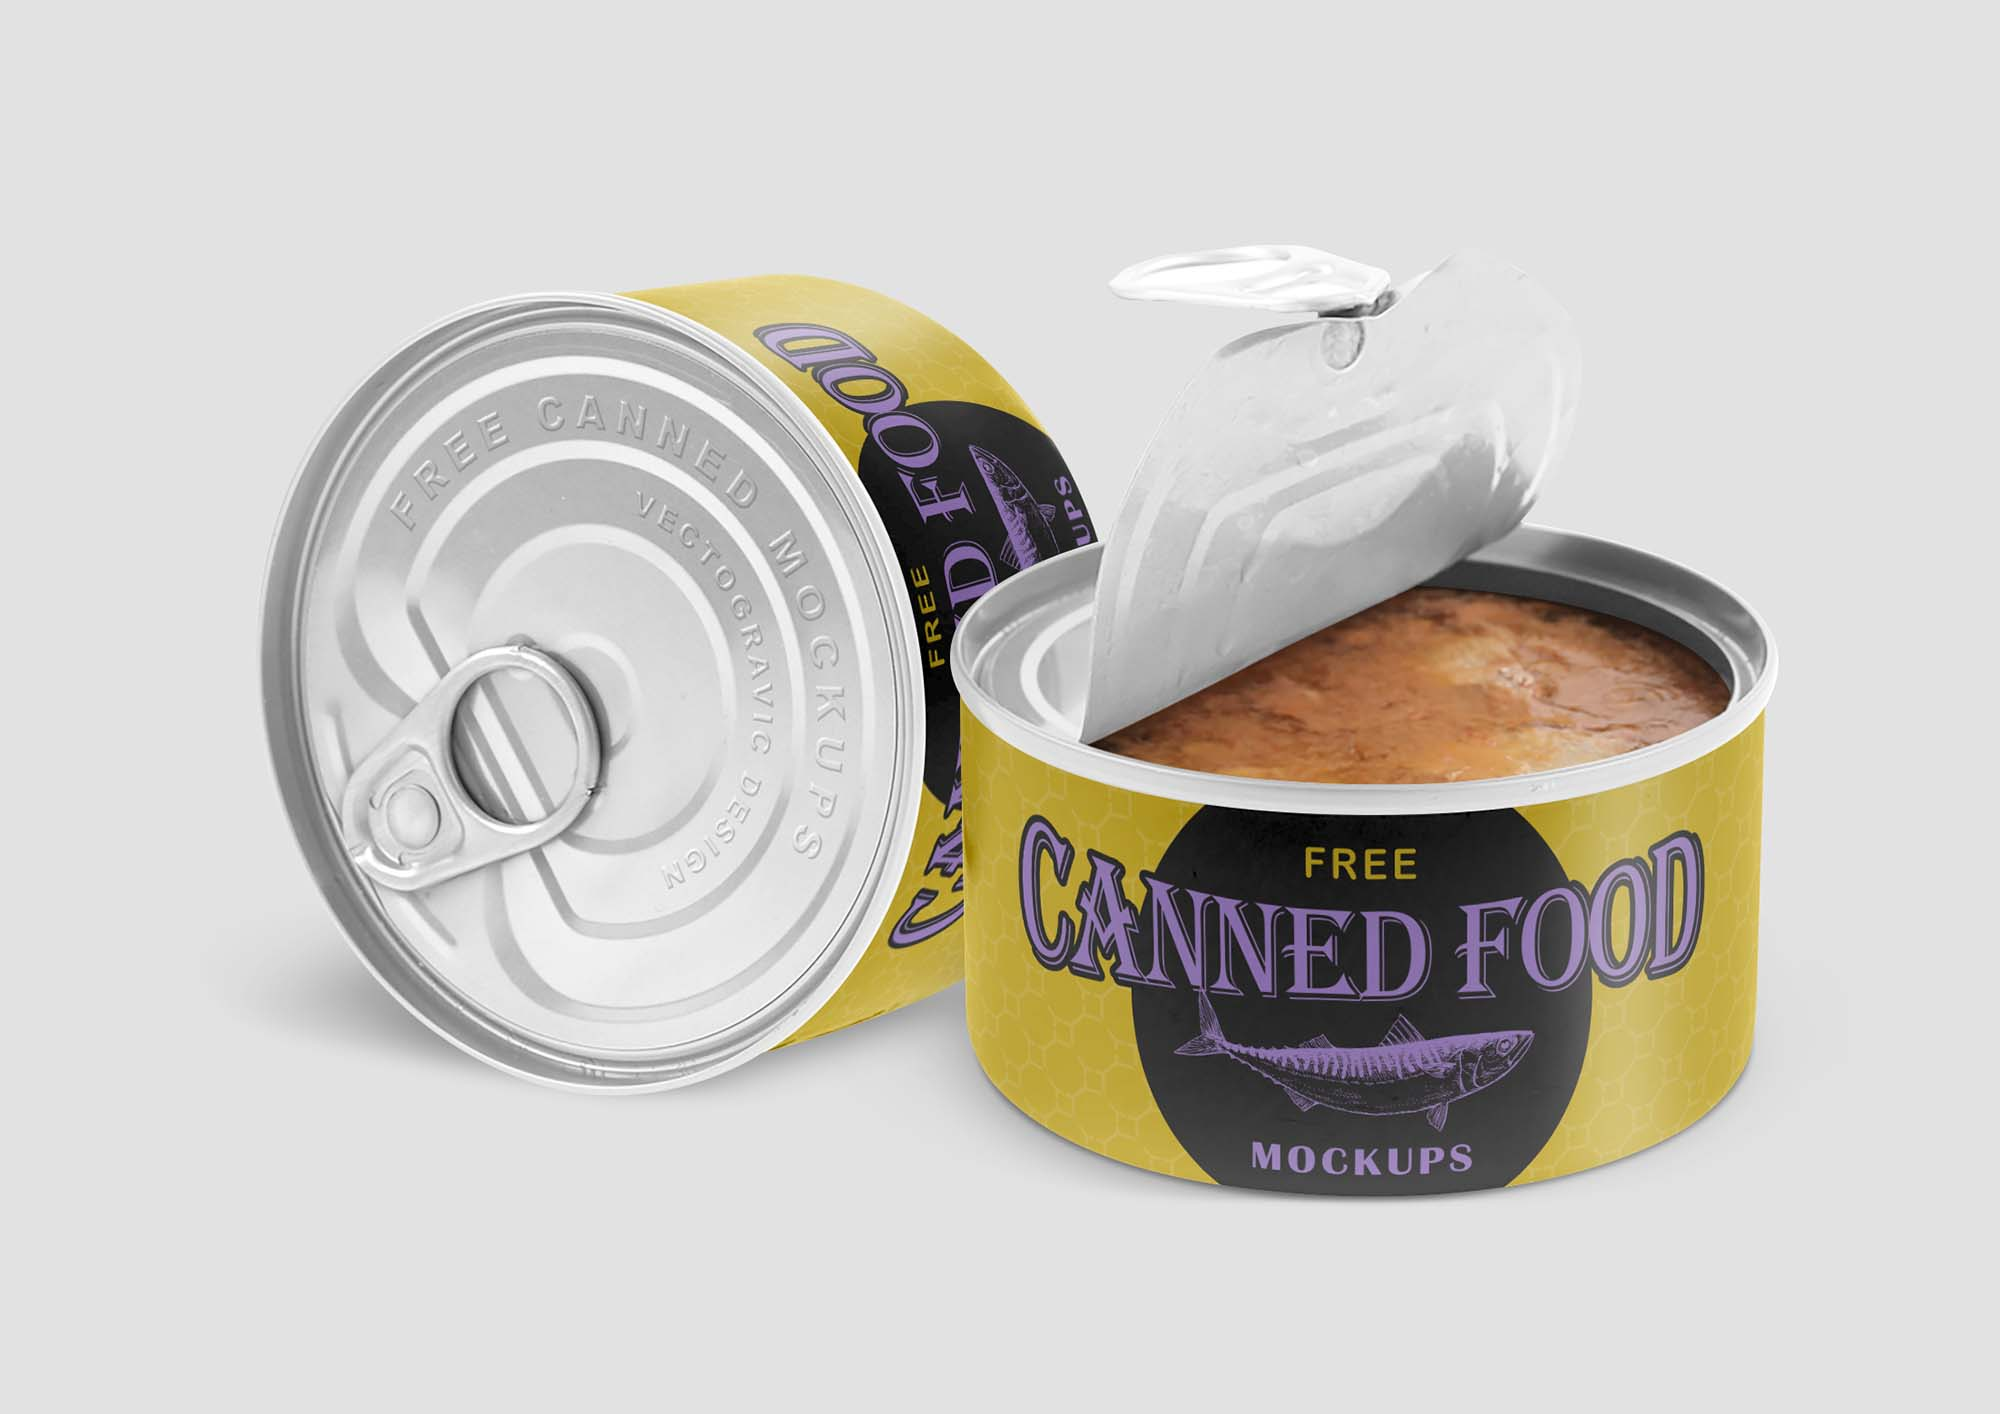 Canned Food Mockup